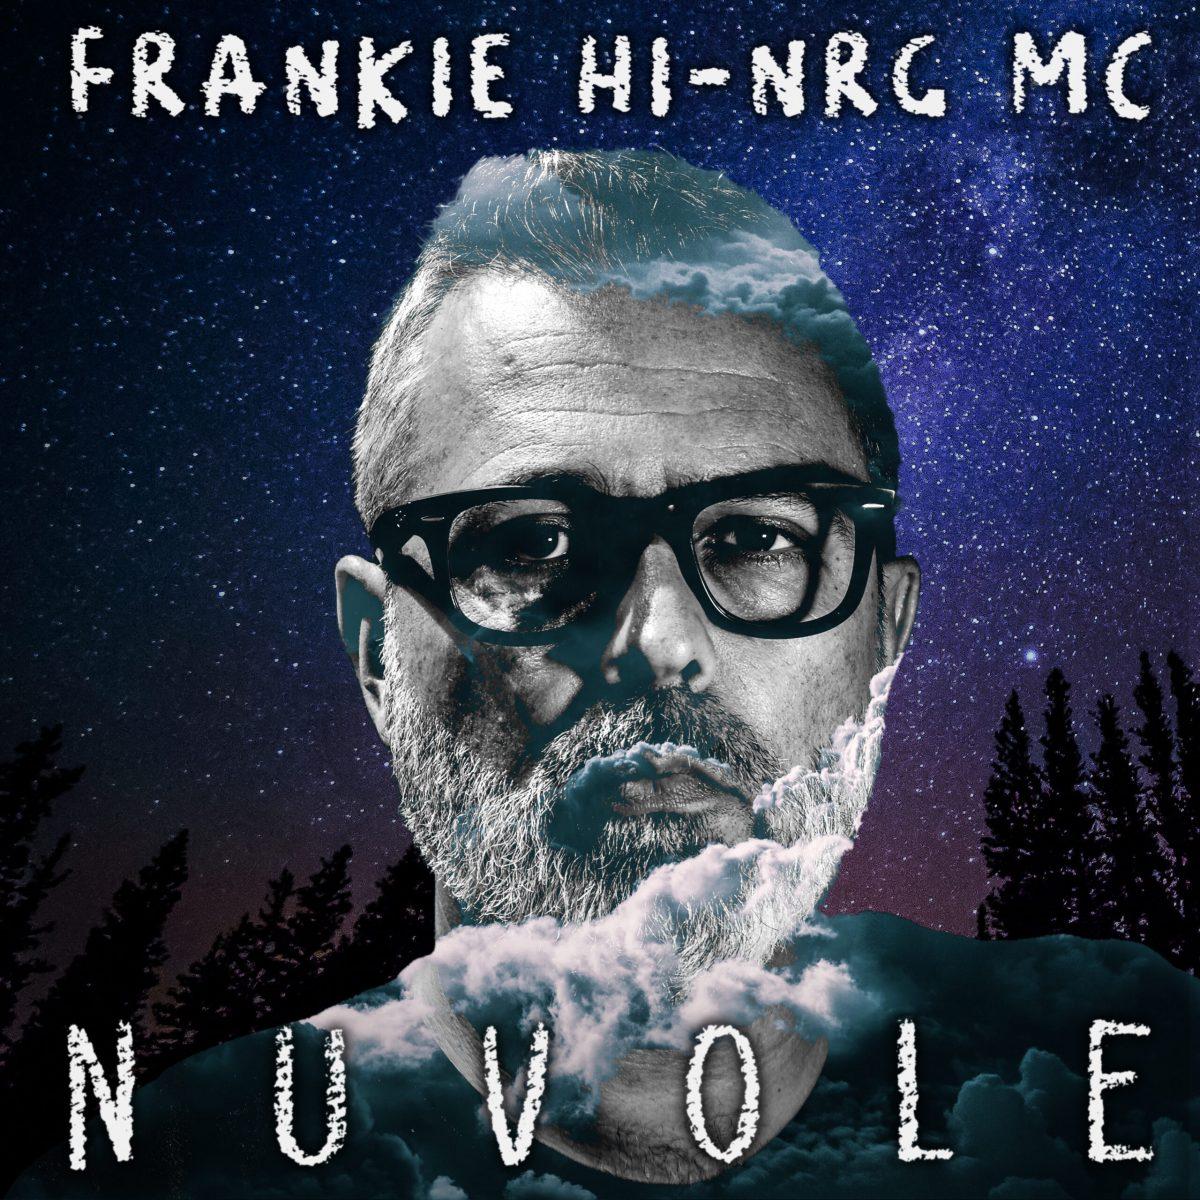 Frankie hi-nrg mc - Nuvole